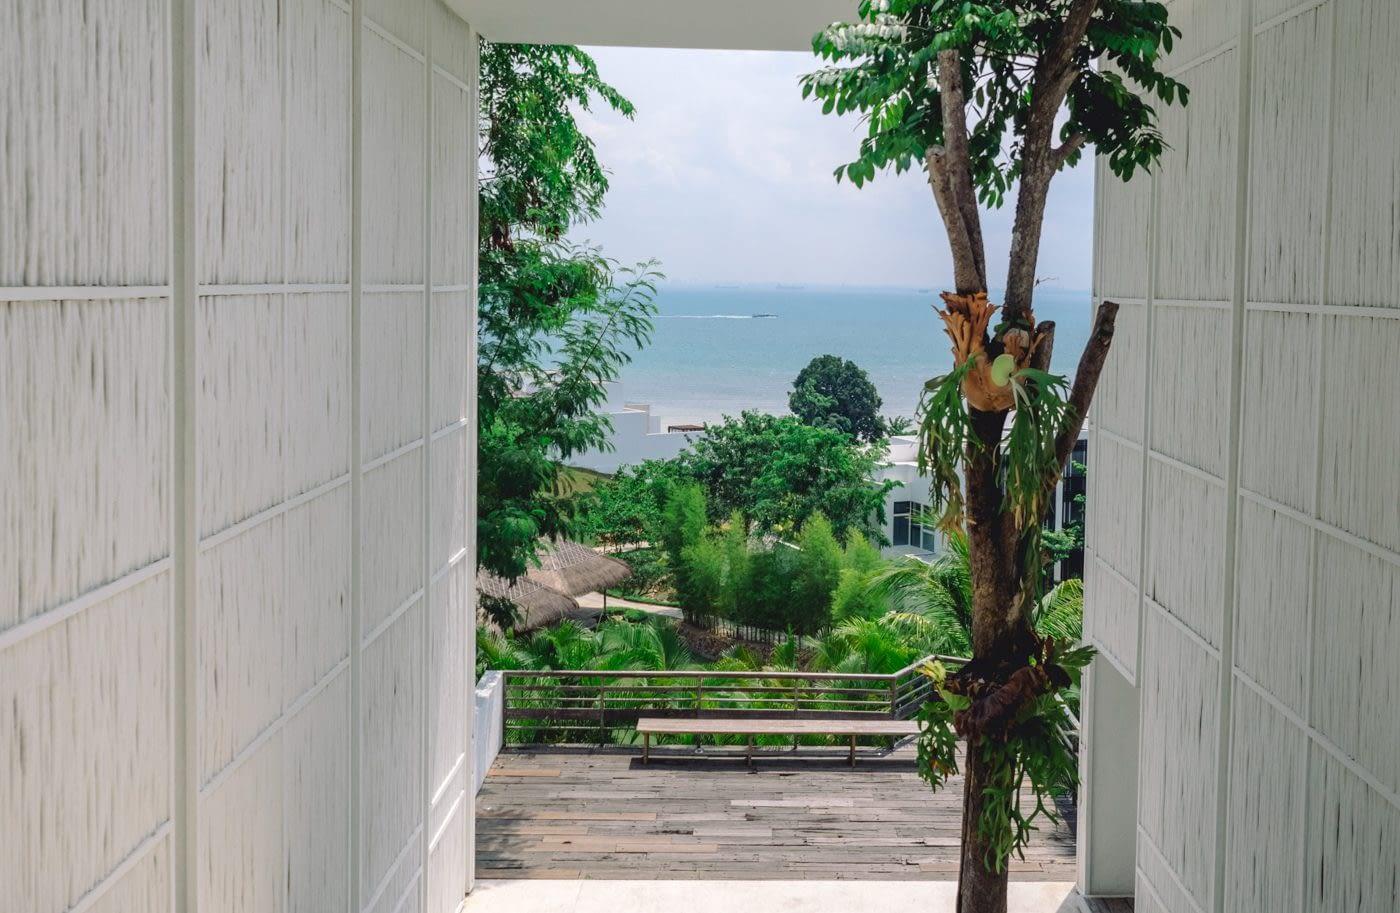 Indonesia - Montigo - View looks amazing